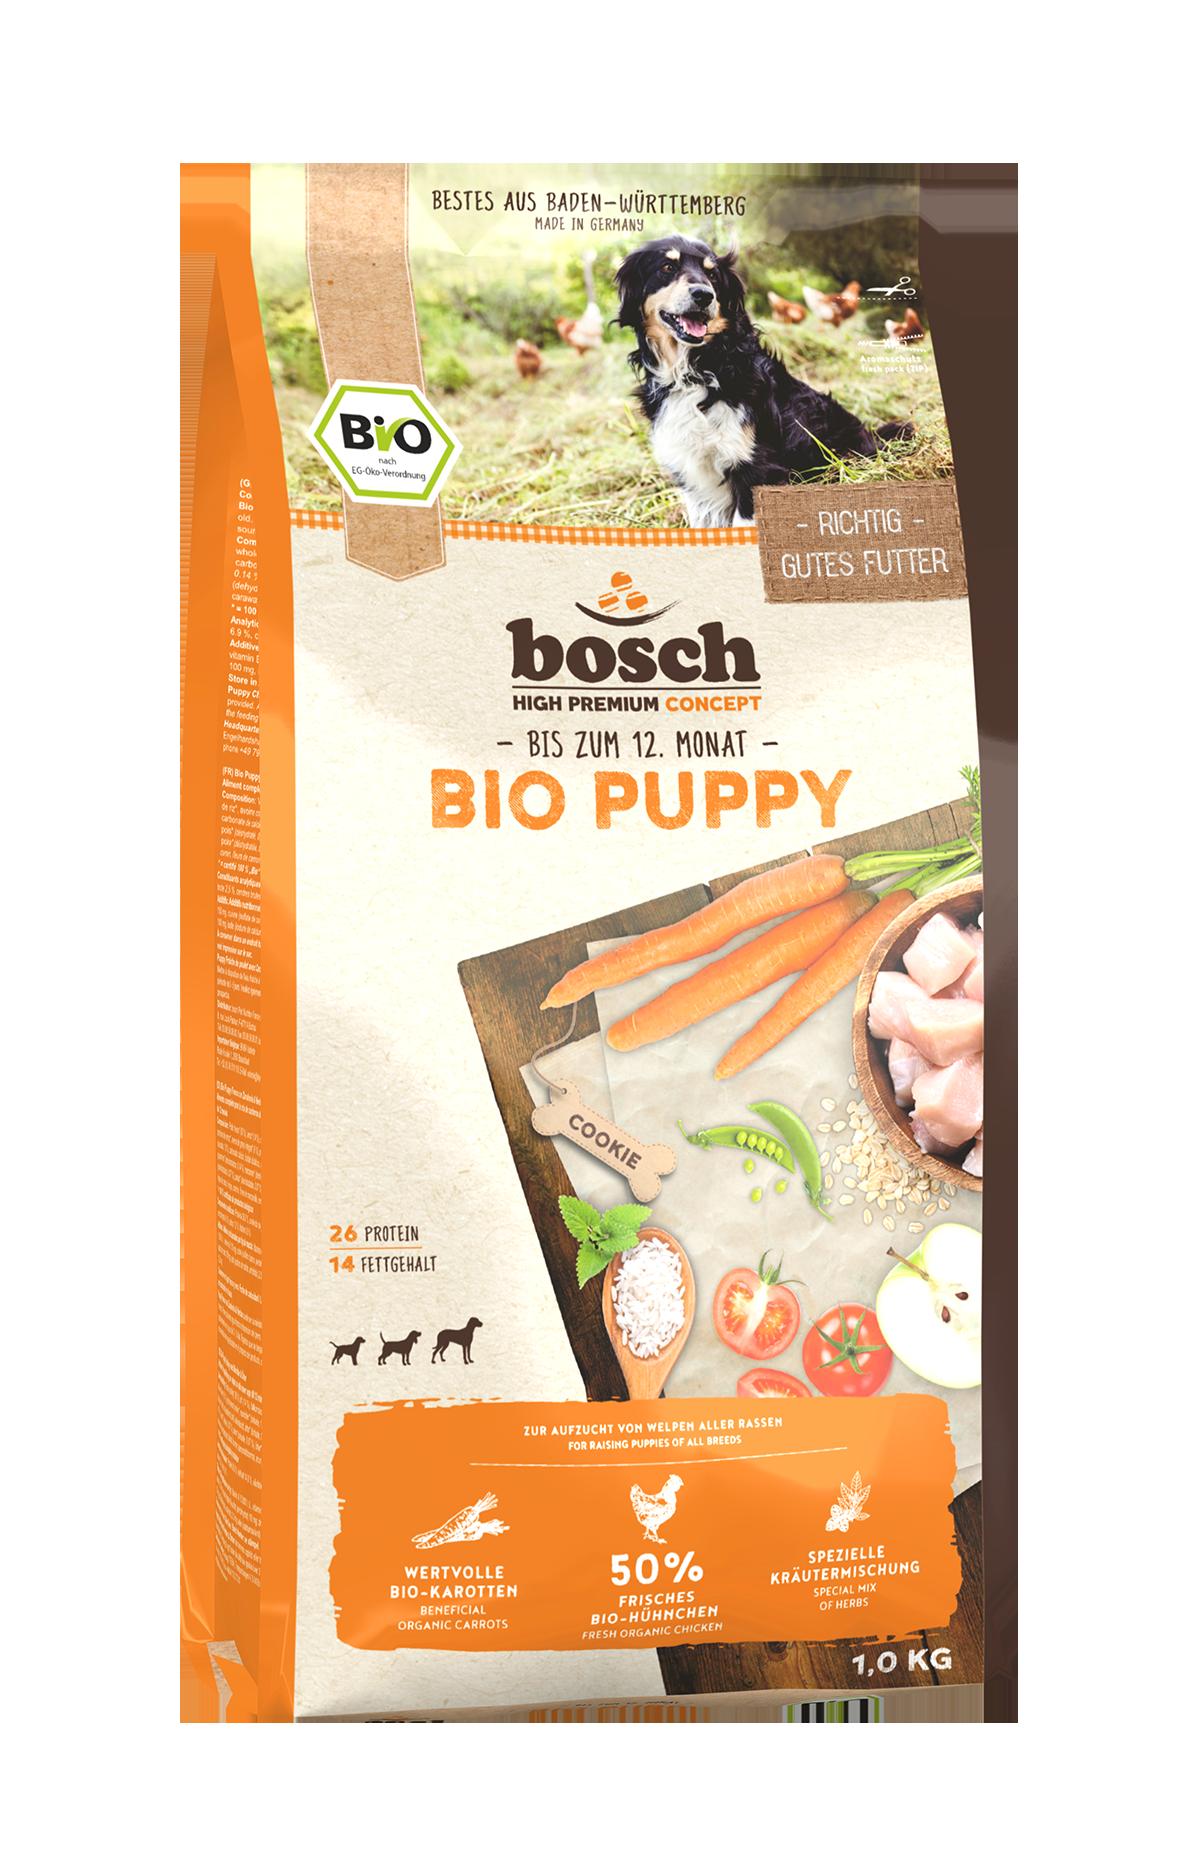 Bosch Bio Puppy Hühnchen+Karotten